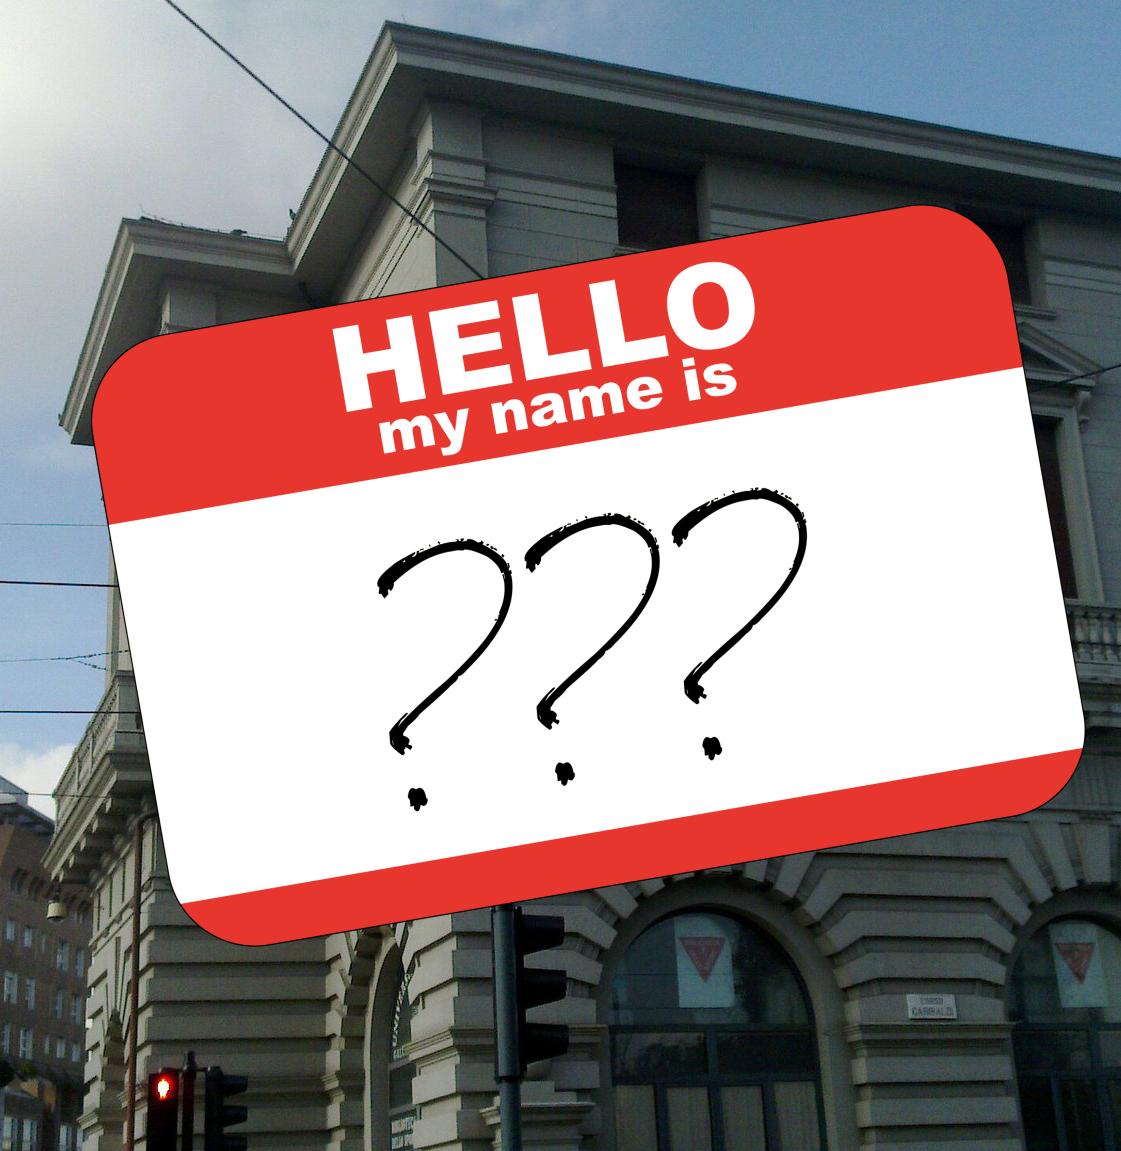 Annuncio ufficiale del nuovo nome del gruppo giovani!